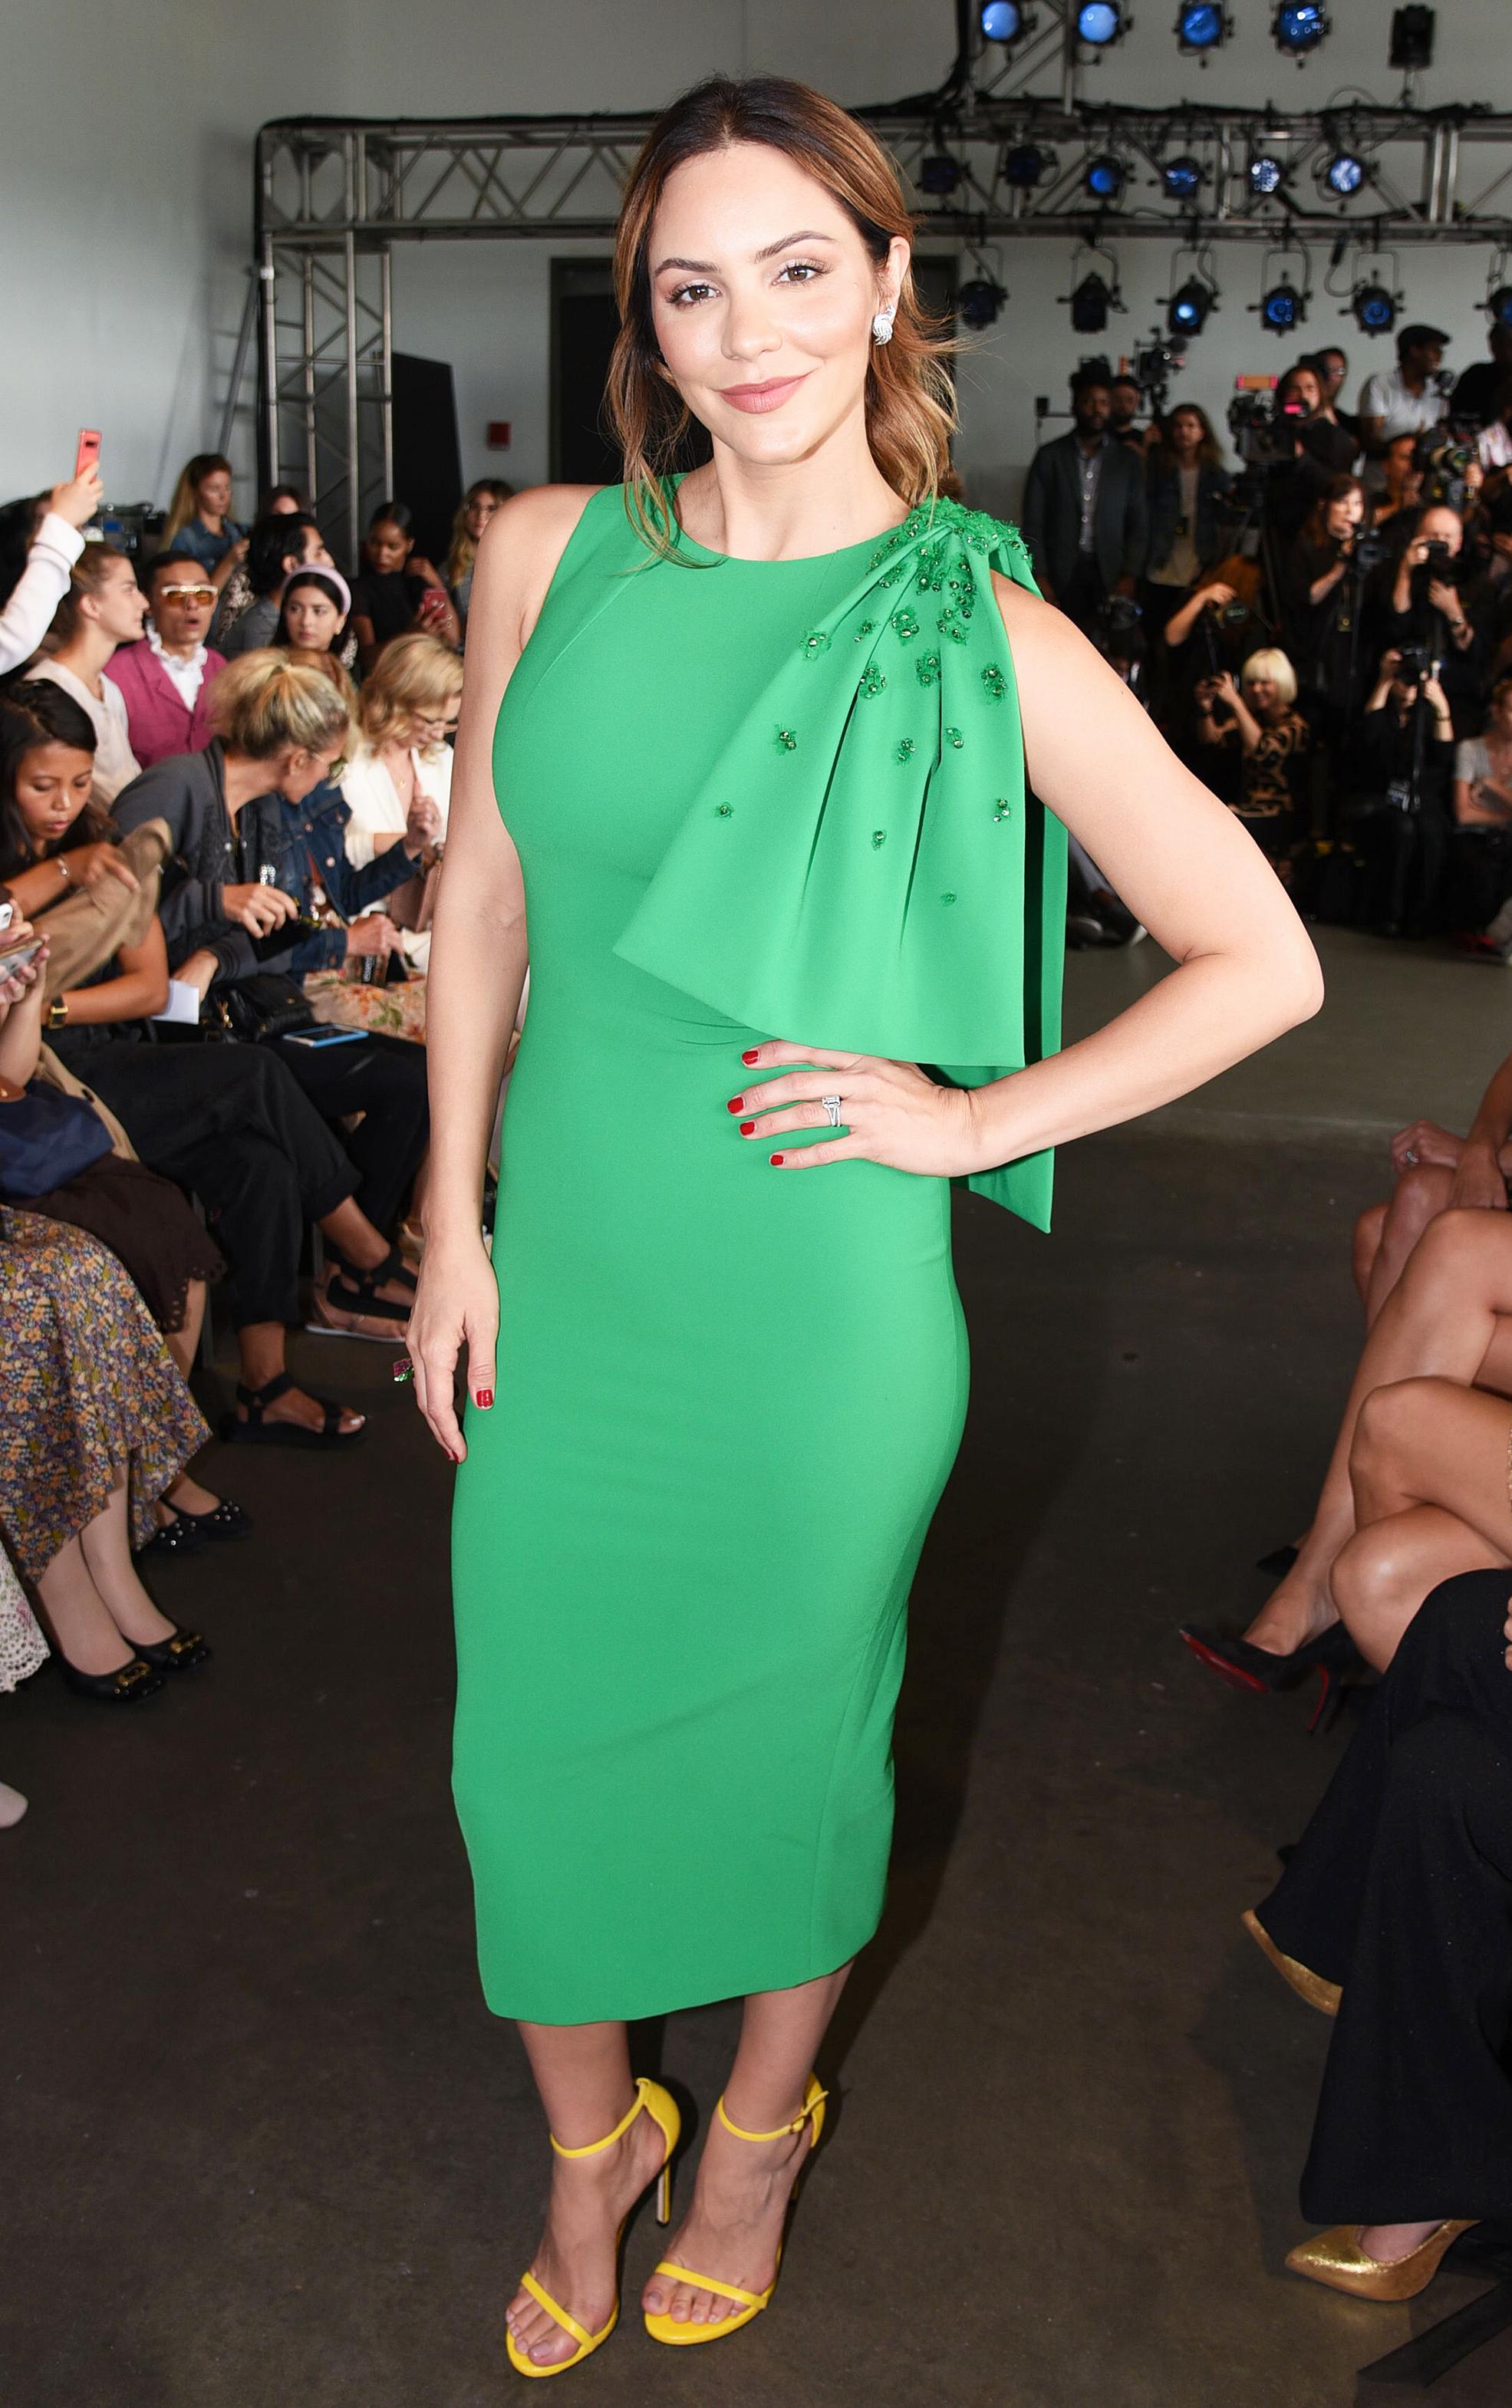 https://www.usmagazine.com/wp content/uploads/2019/09/NYFW Style Katherine McPhee